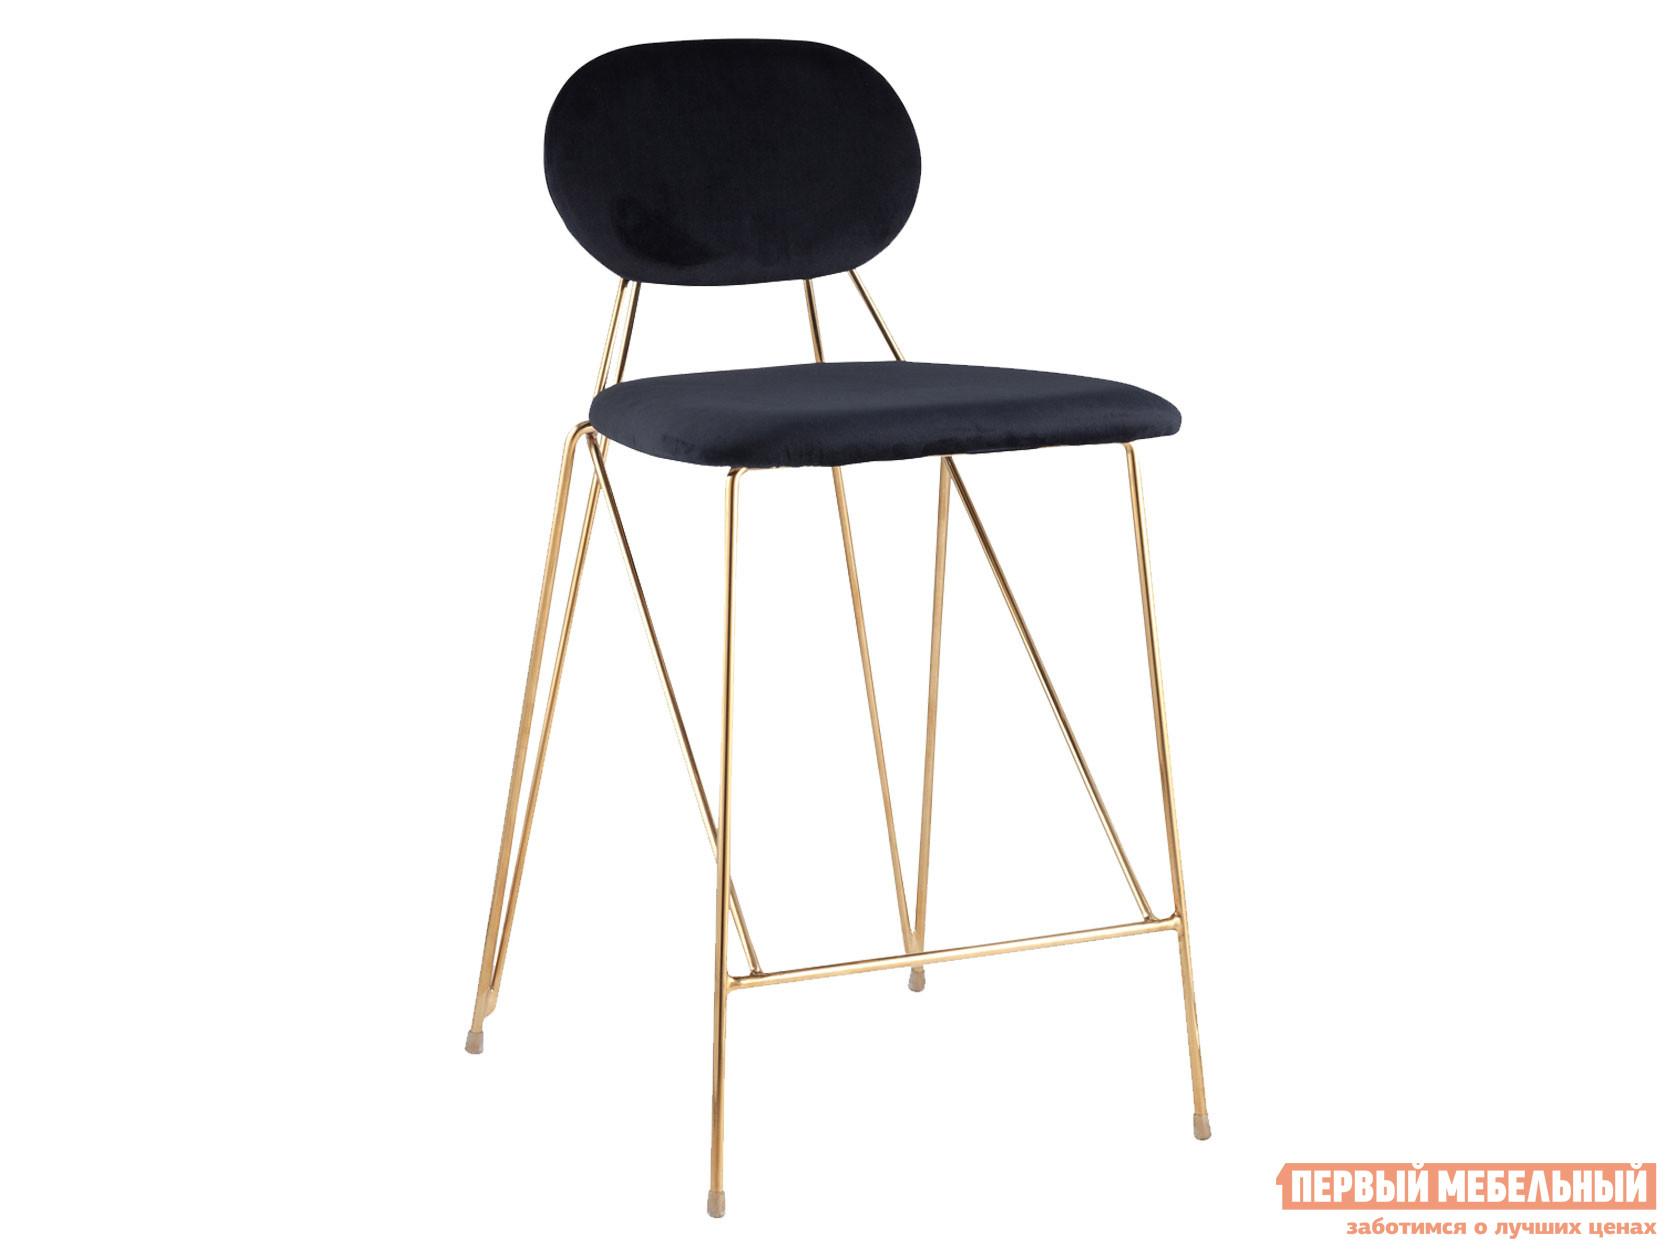 Барный стул Stool Group Стул Элис полубарный FDC8001 барный стул stool group стул барный лион bc 99004